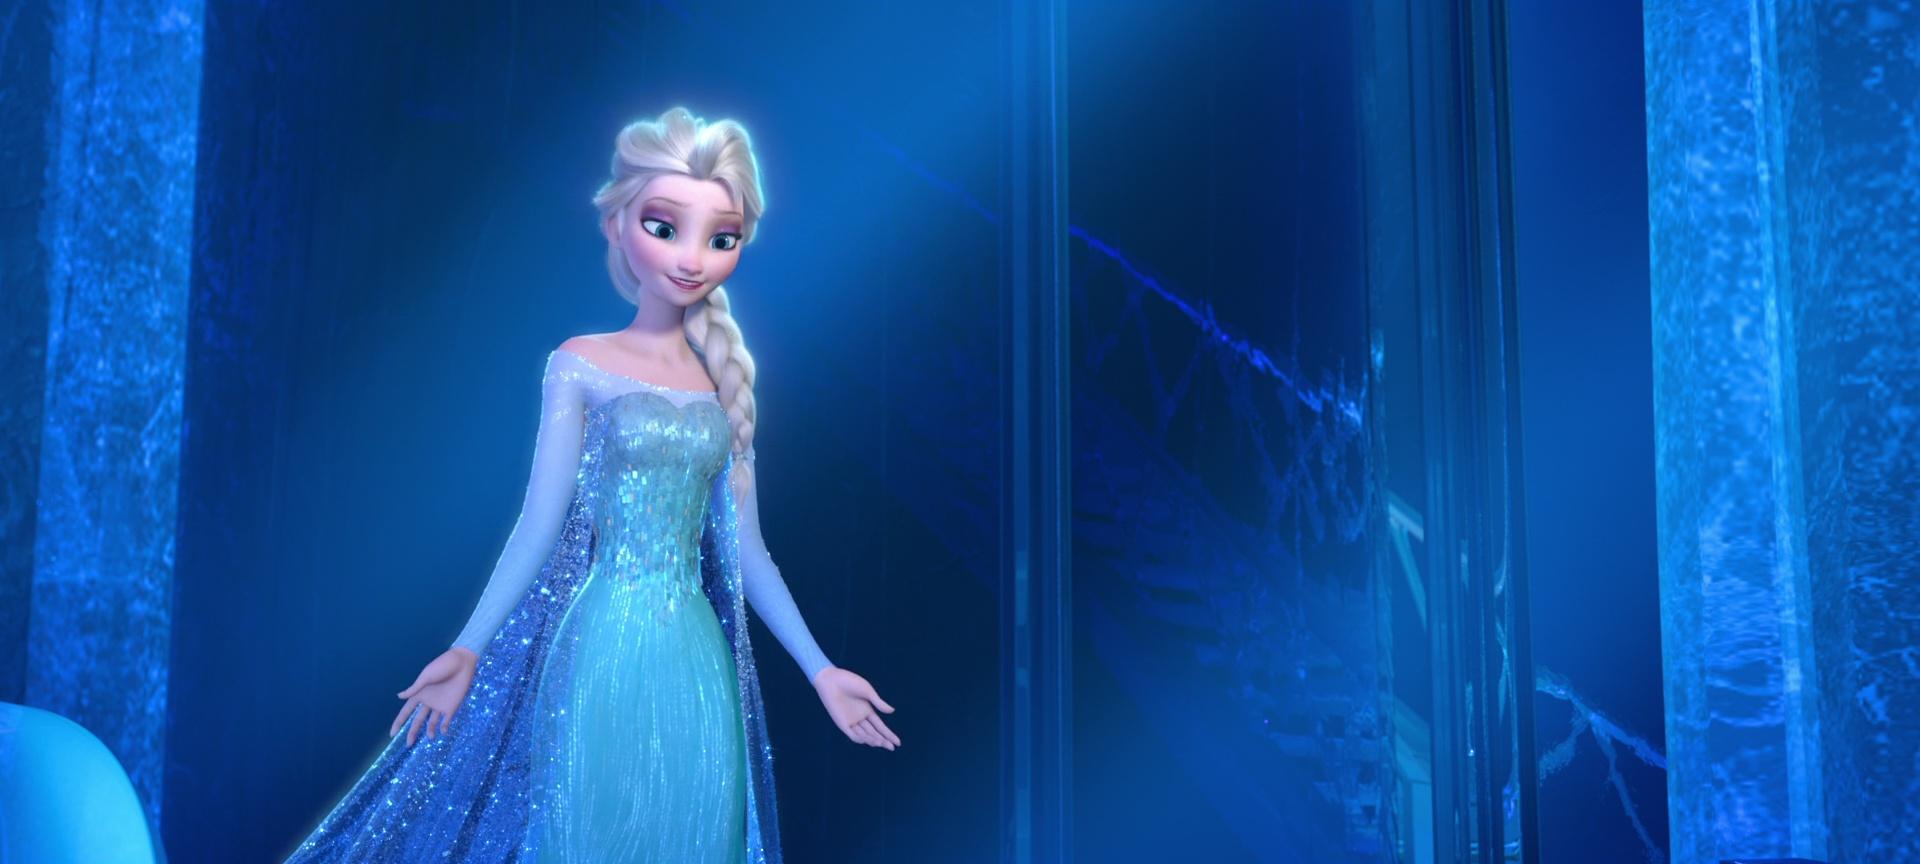 La reine des neiges disney planet - Image de reine ...